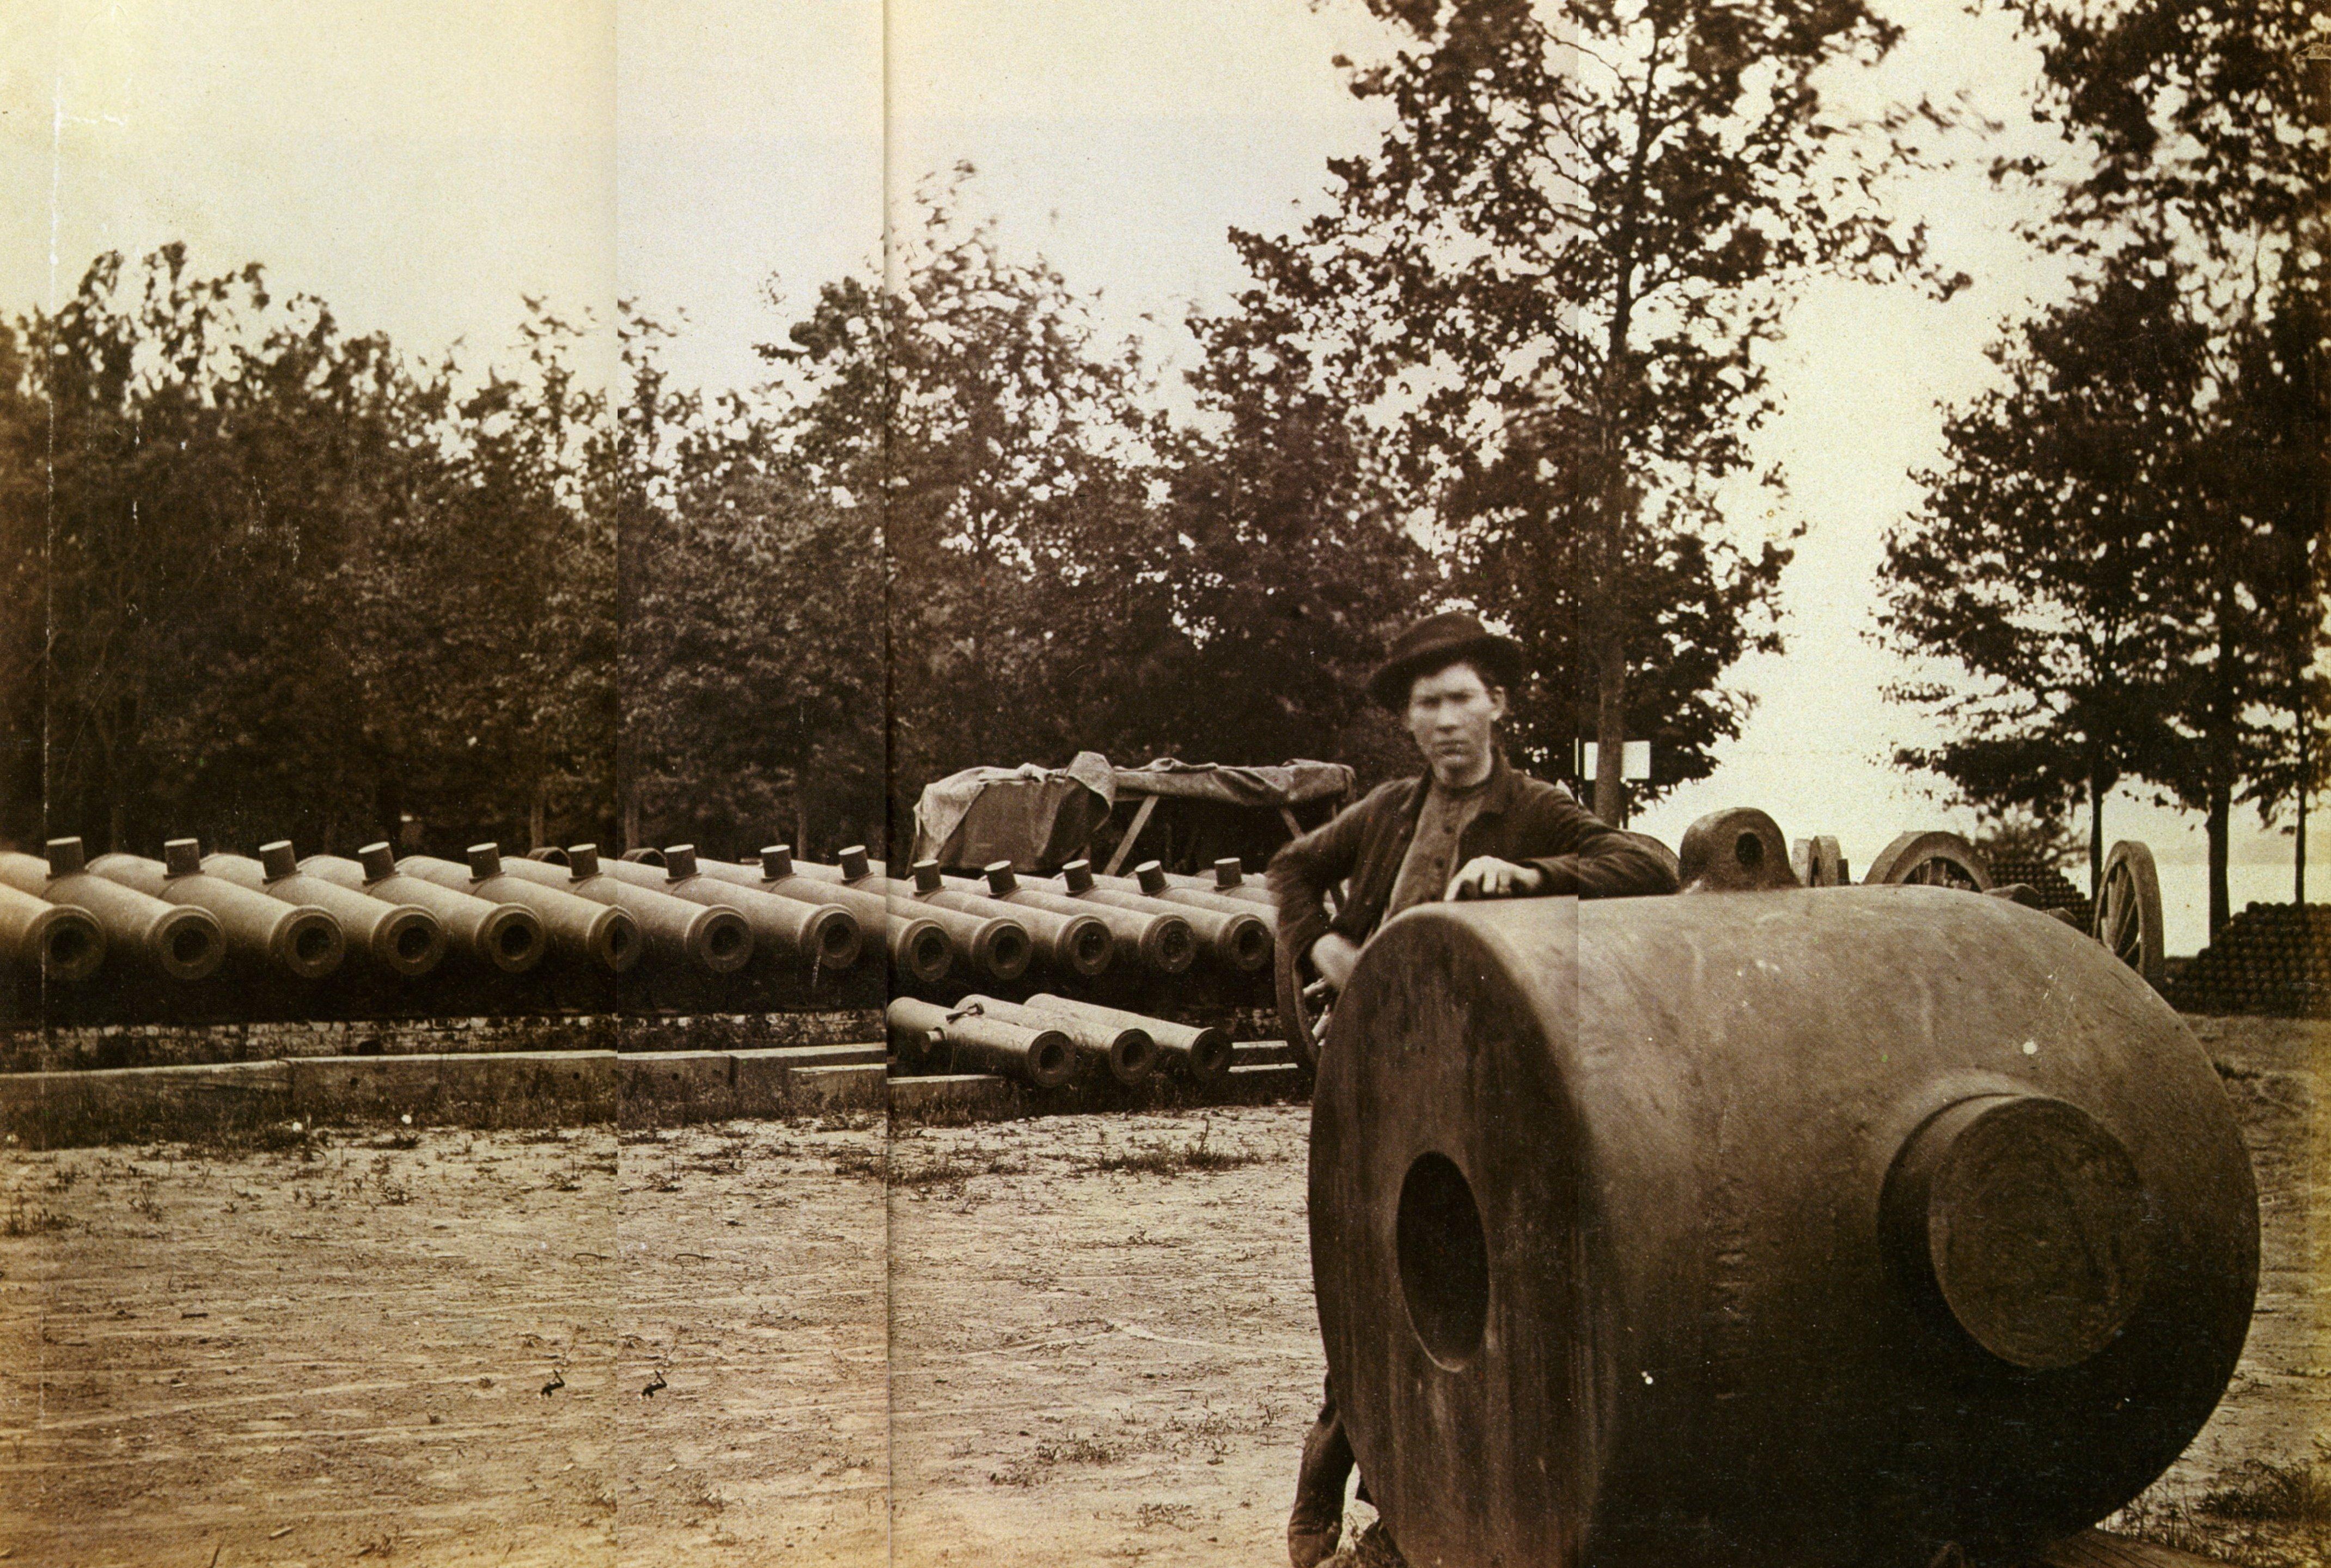 069[amolenuvolette.it]1865 a.j. russell soldat de l'union dans un arsenal près de washington d.c. épreuve à l'albumine.jpg